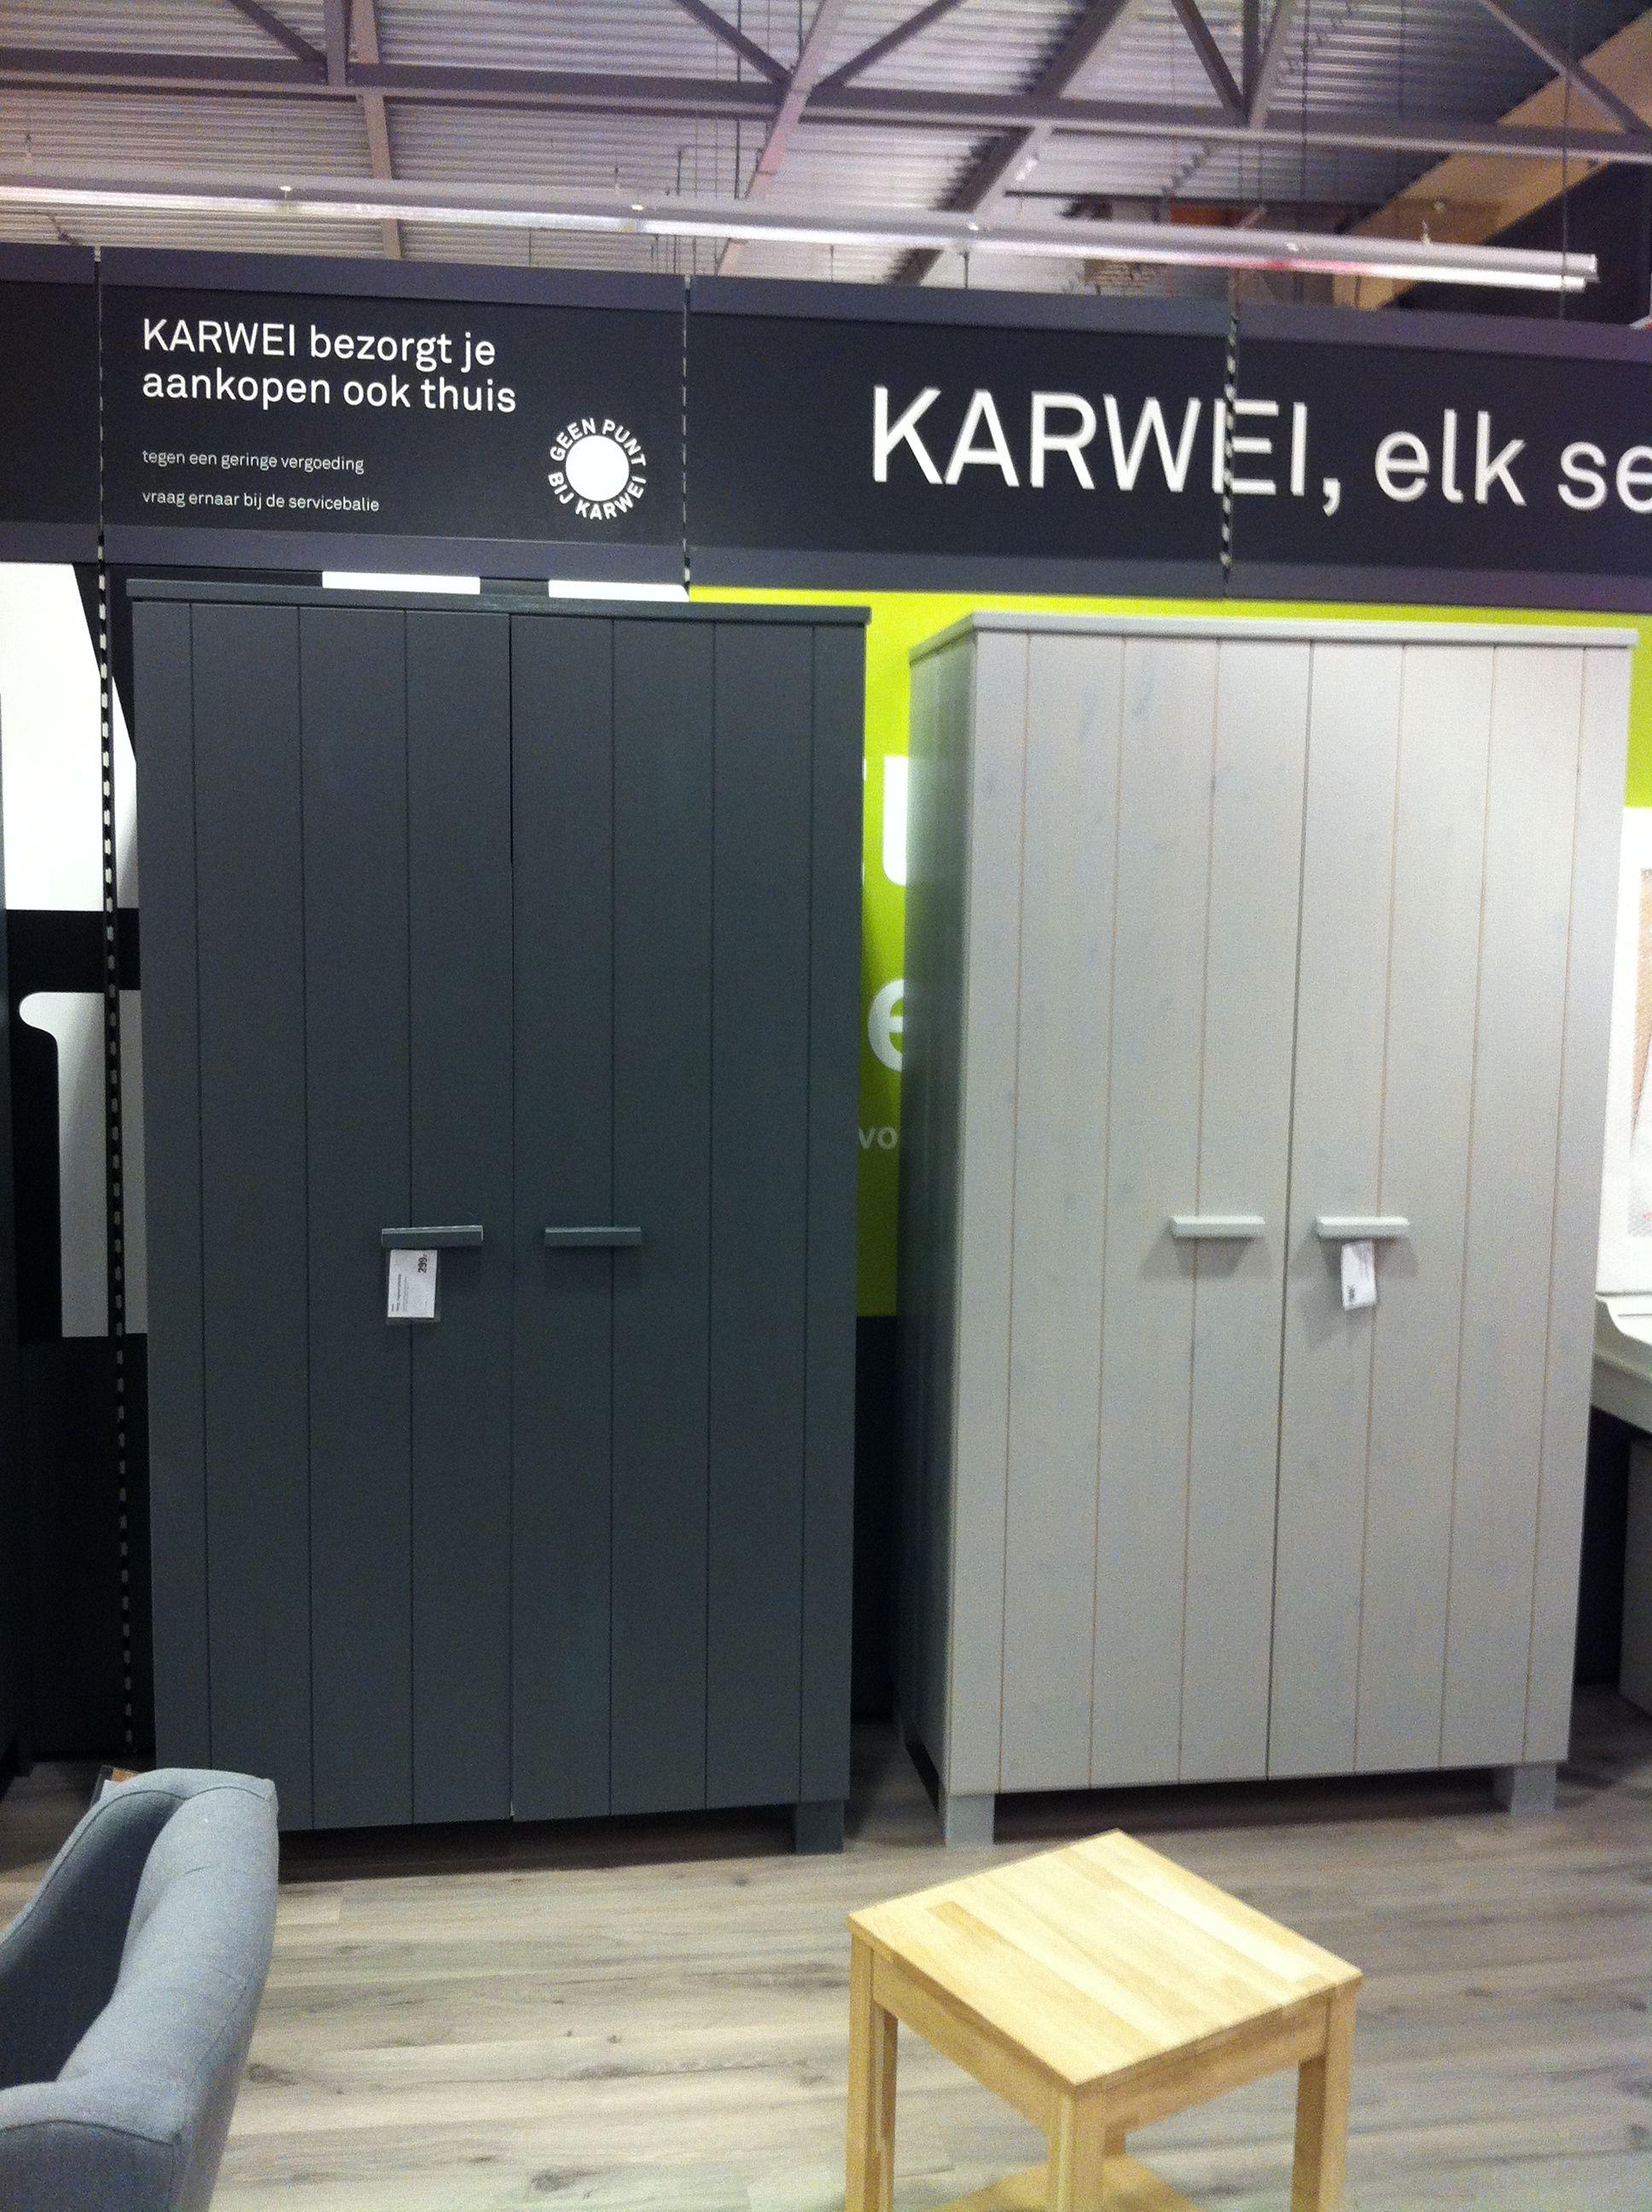 Woood Kast Karwei : Slaapkamer kast karwei kledingkast op maat gamma gamma